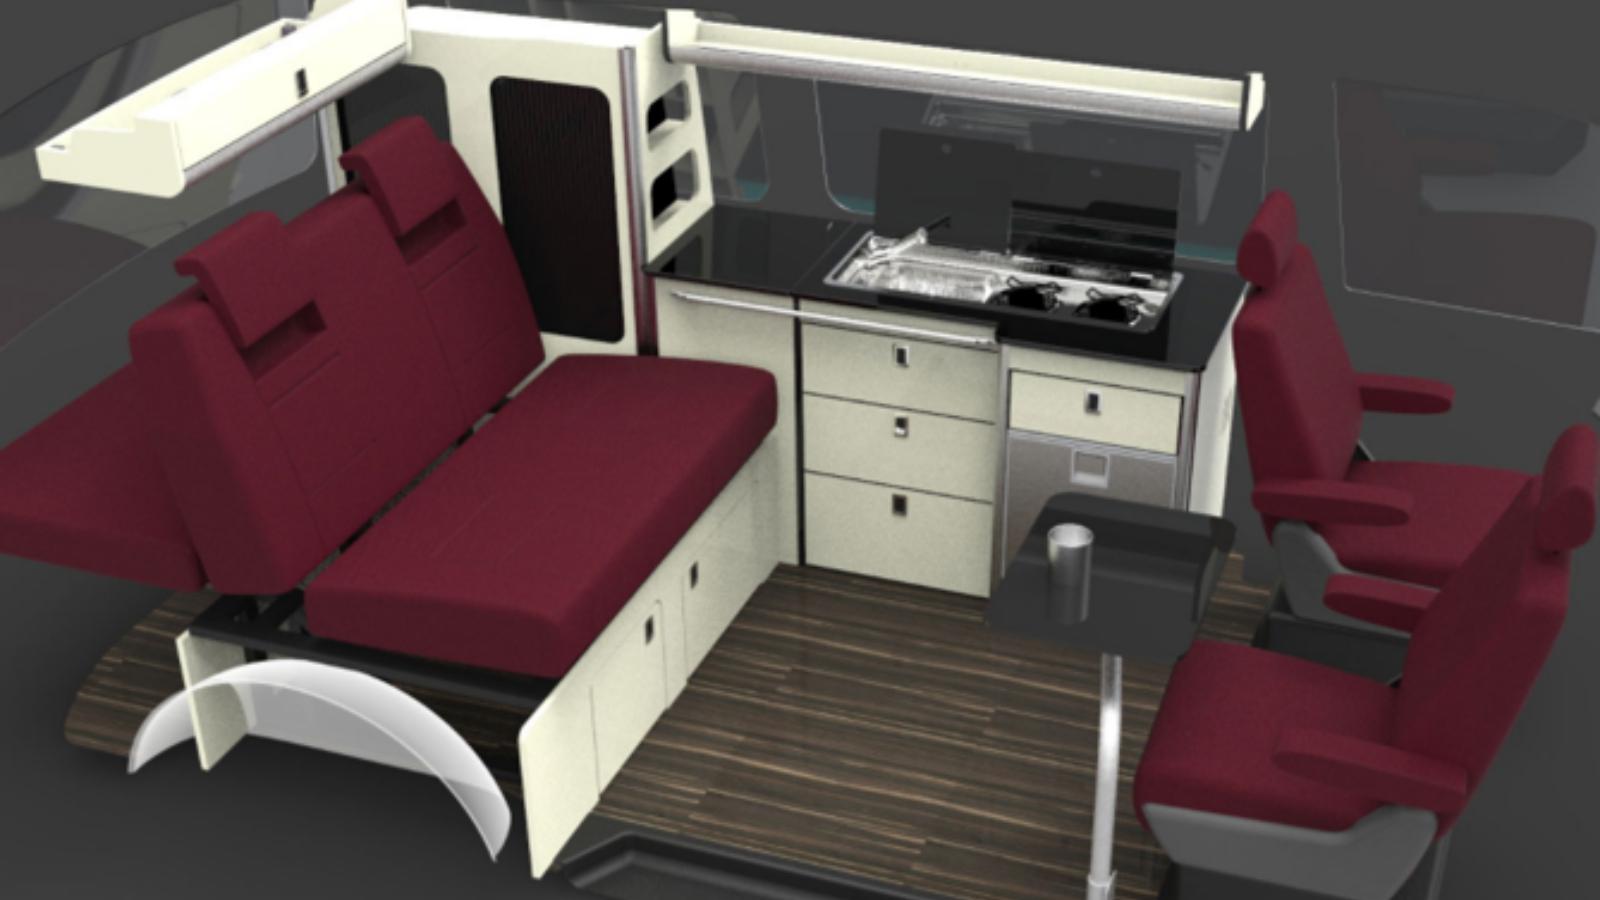 comment chapper au malus cologique sur california beach et vw multivan fourgon van. Black Bedroom Furniture Sets. Home Design Ideas